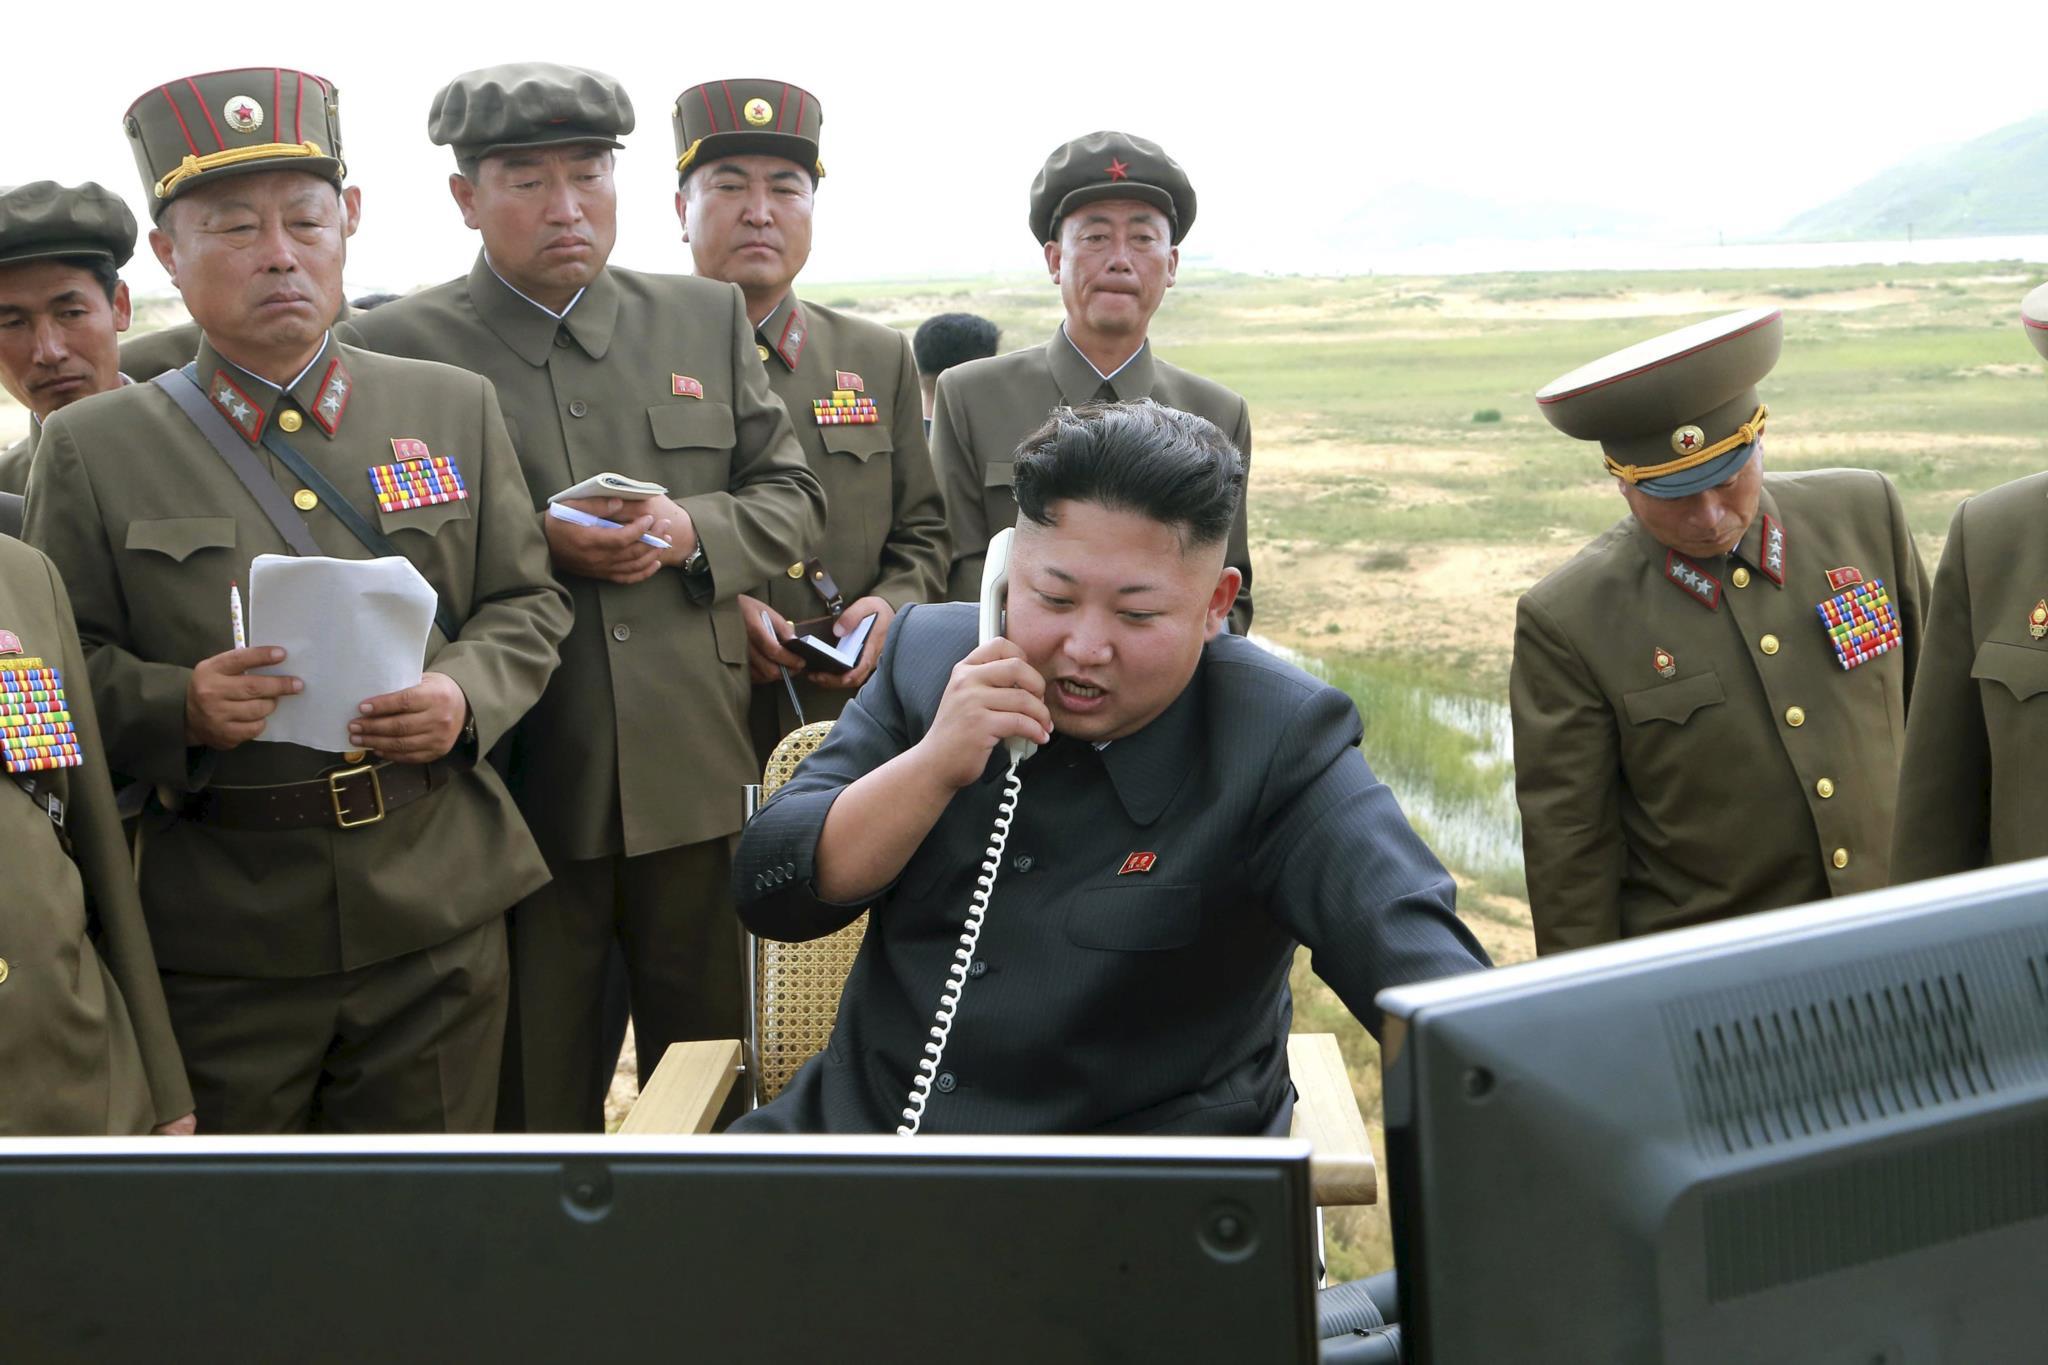 """O regime de Kim Jung Un ameaçou que fará """"uma retaliação sem piedade"""" caso o país seja atacado pelos Estados Unidos"""